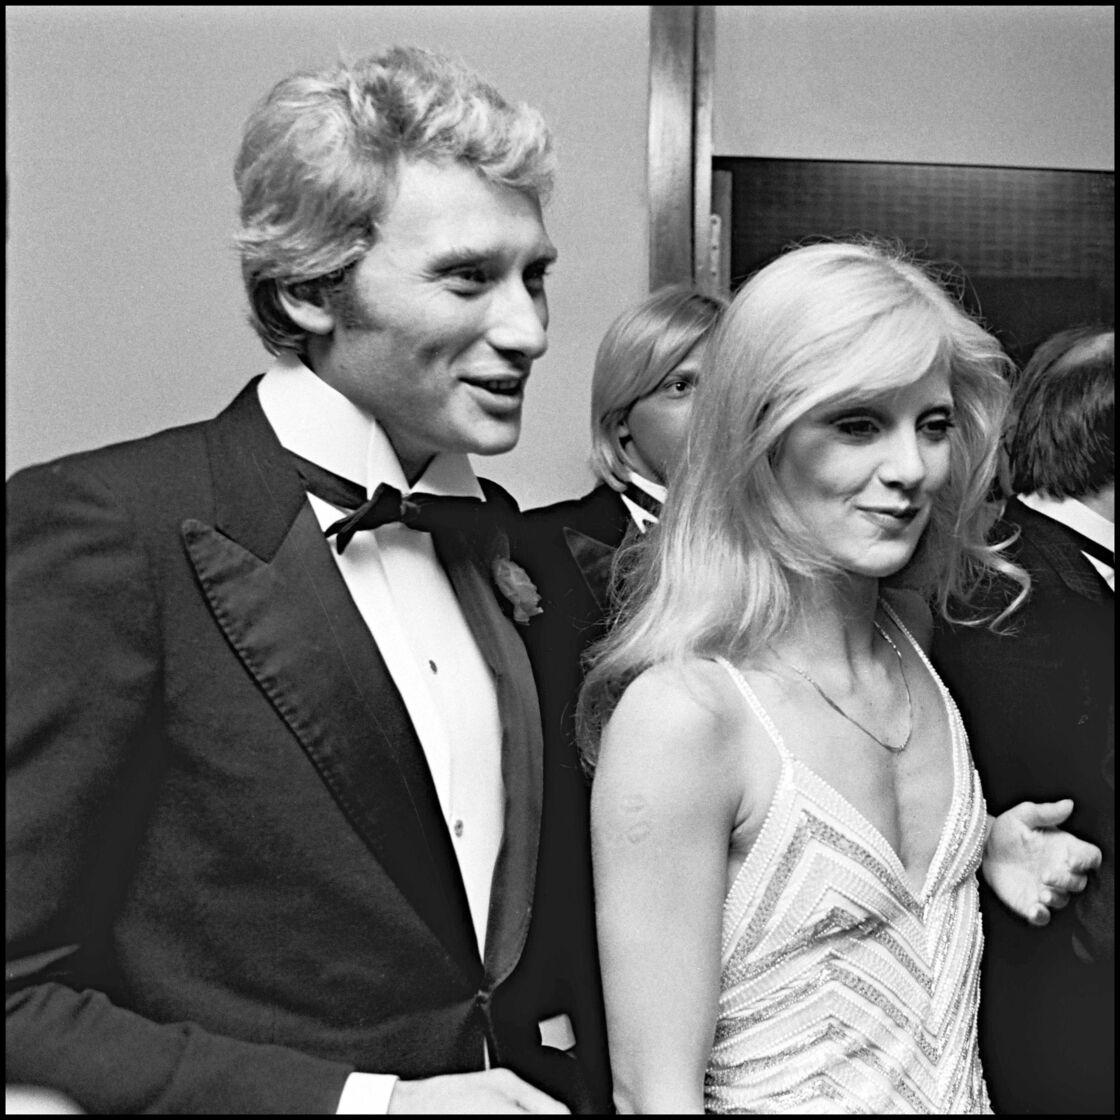 Ensemble, Sylvie Vartan et Johnny Hallyday ont formé un couple mythique à la scène comme à la ville pendant près de vingt ans